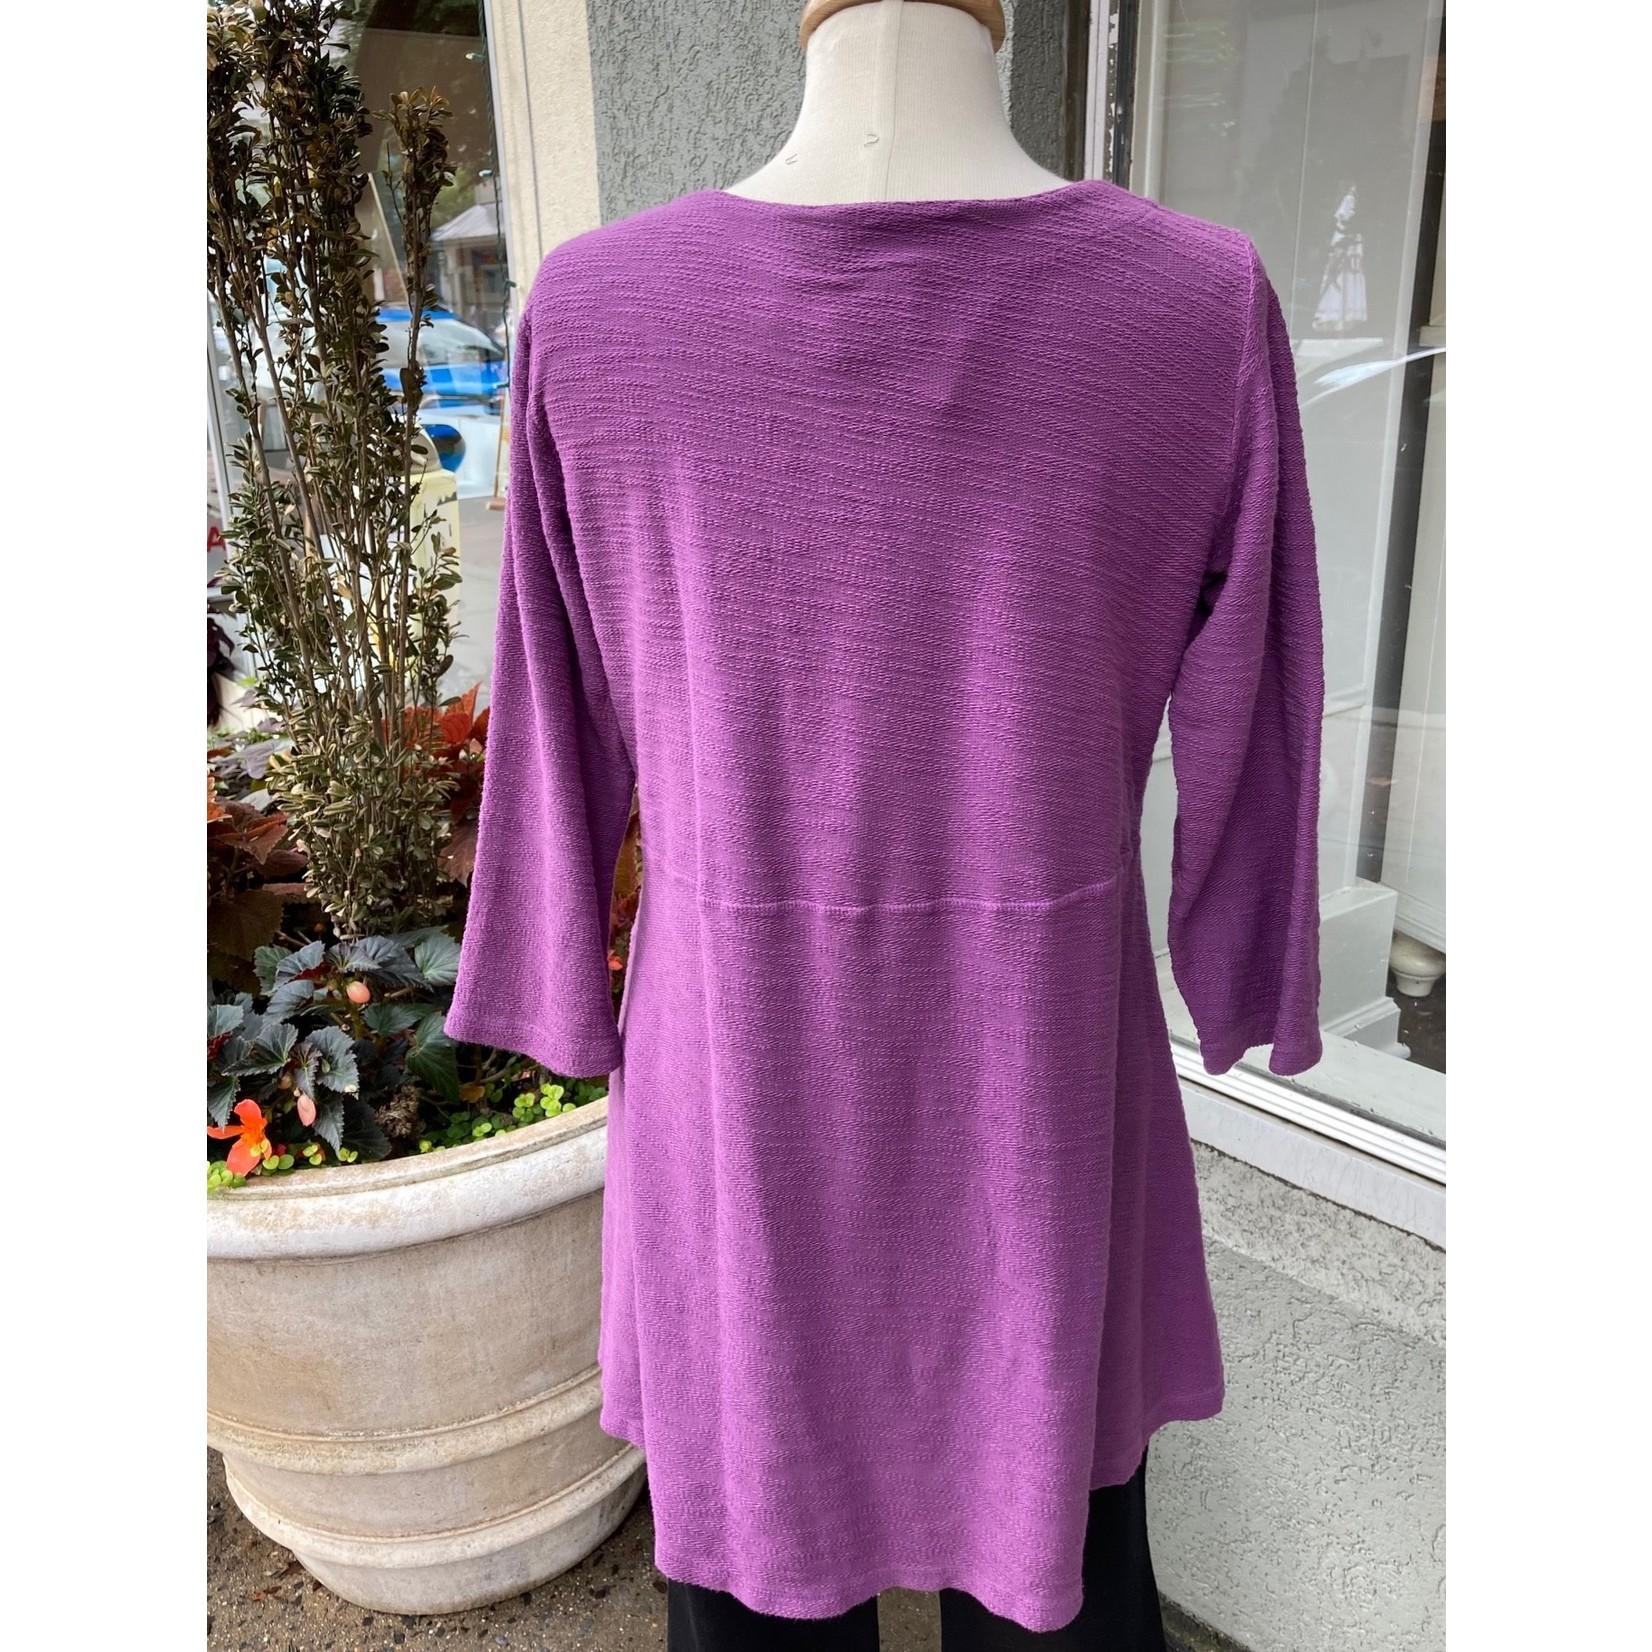 Color Me Cotton Multi-seamed Cover Stitch Swing Tunic in Eggplant